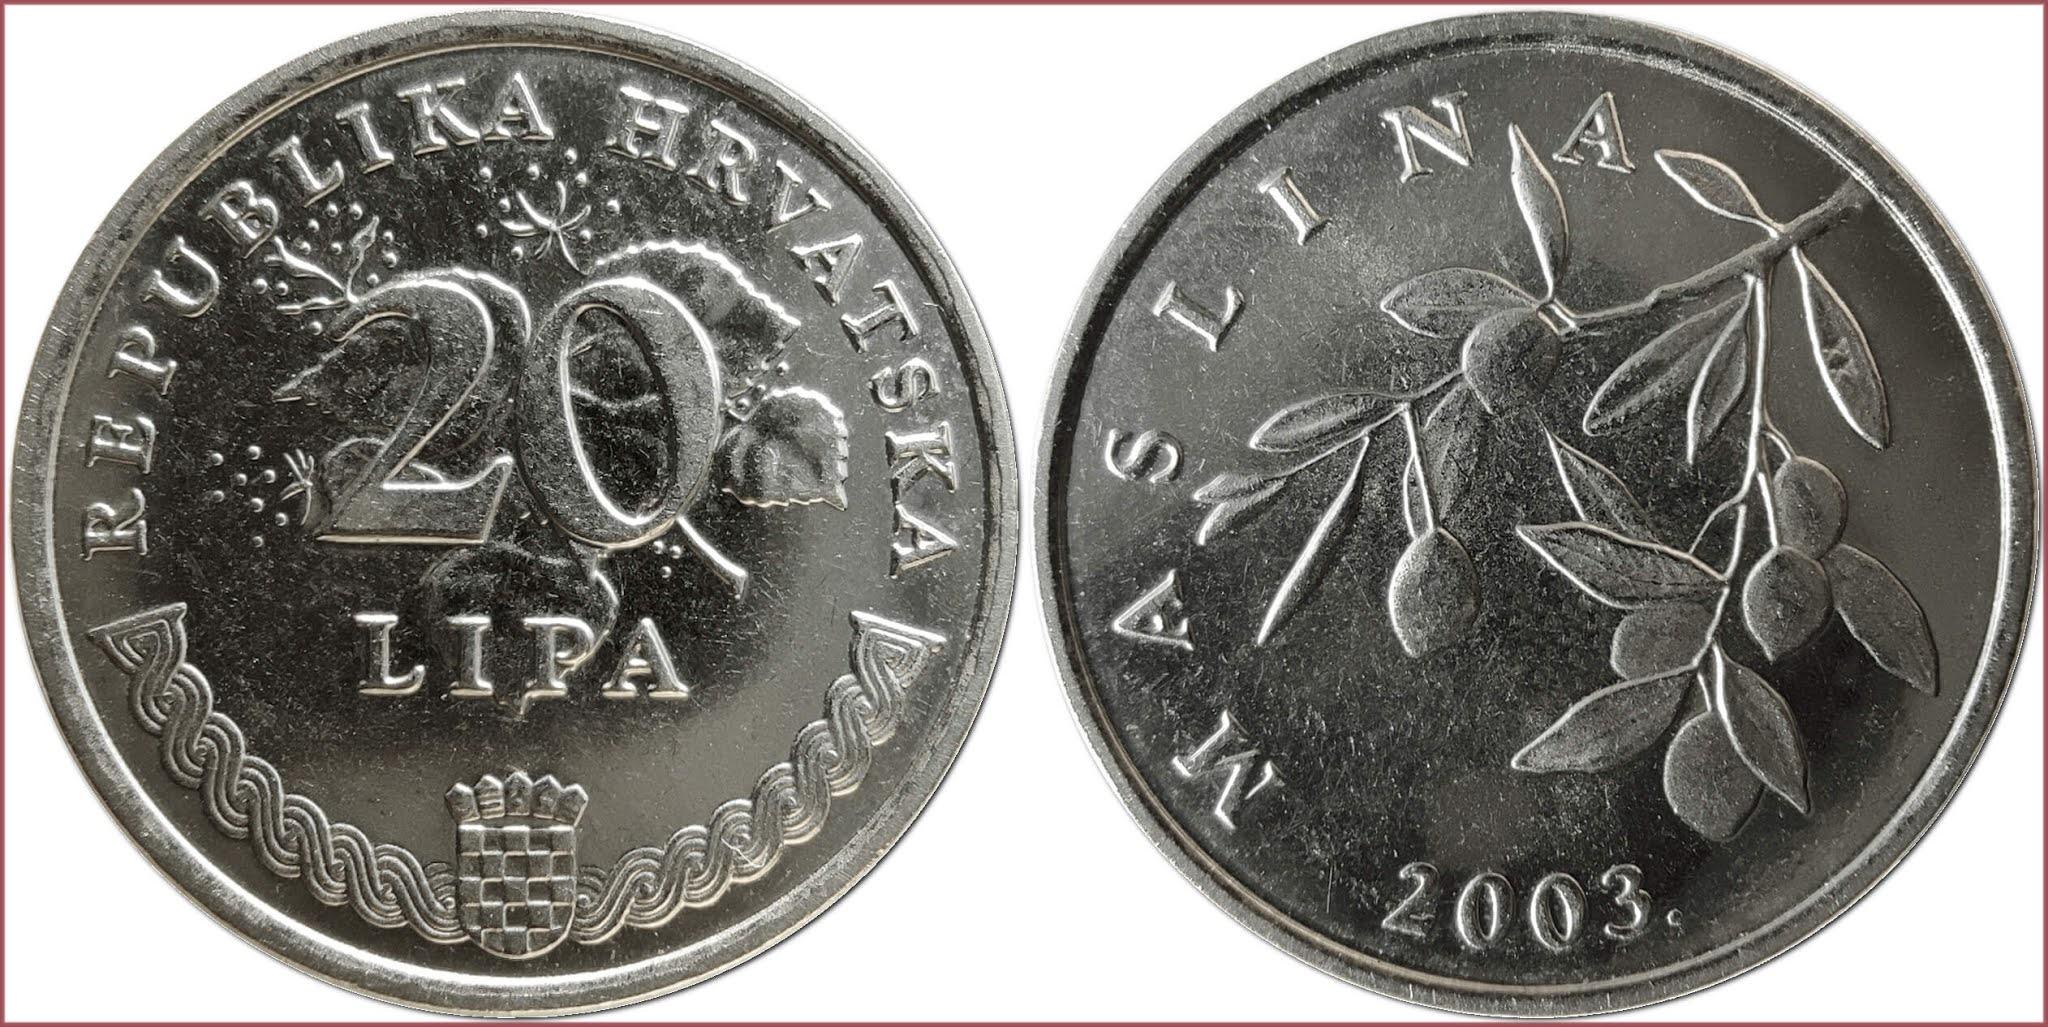 20 lipa, 2003: Republic of Croatia (Croatian text)